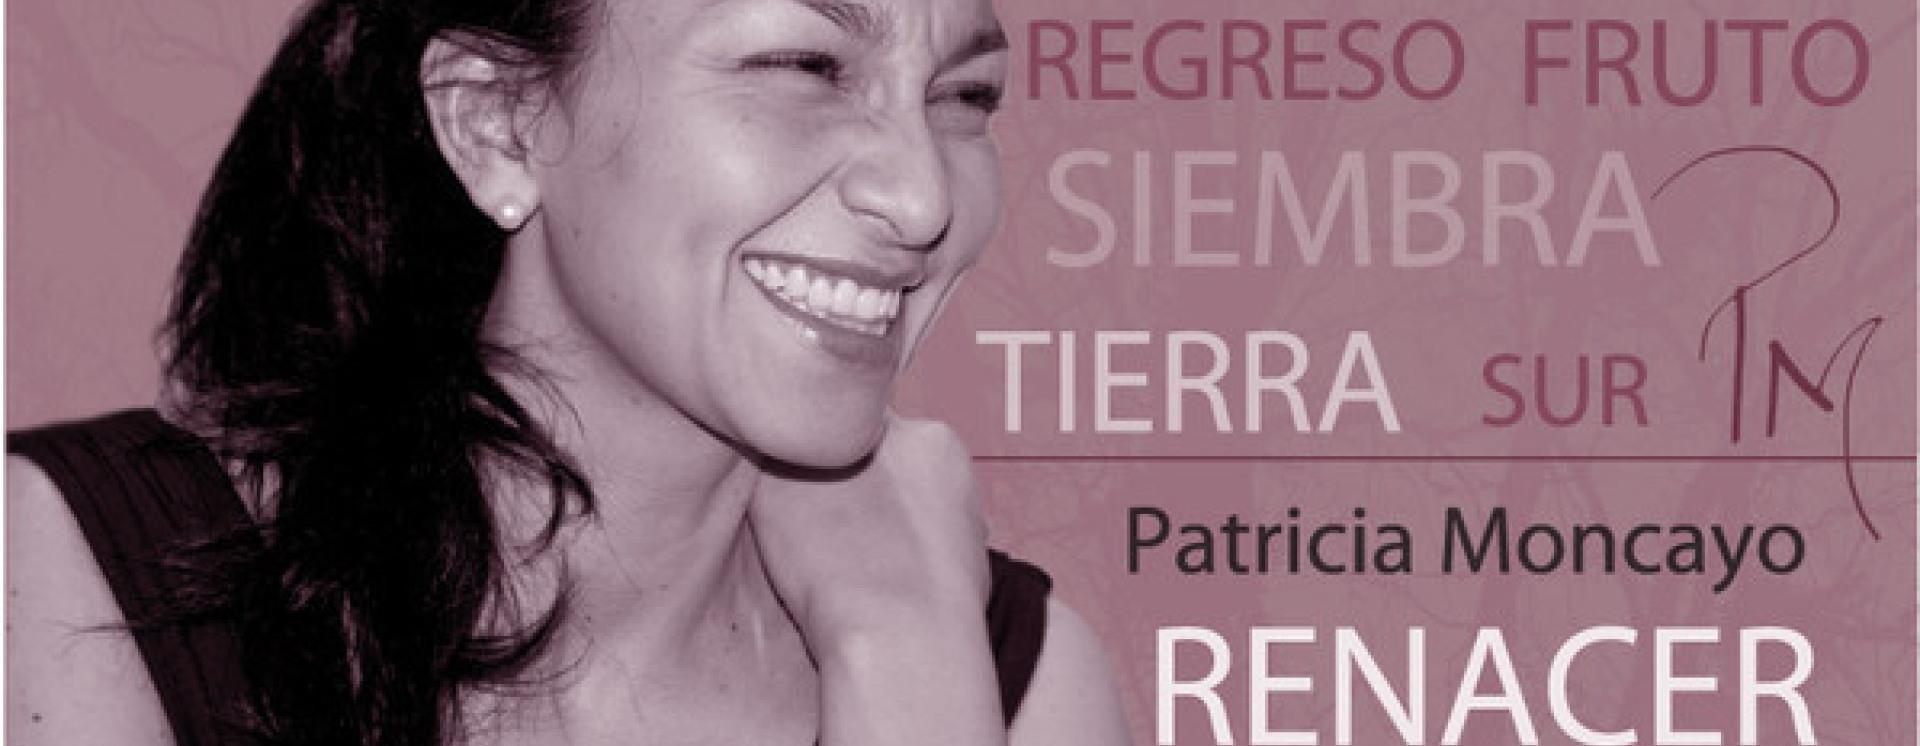 1329616627 caratula intenrnet     paticia moncayo     album     renacer copy